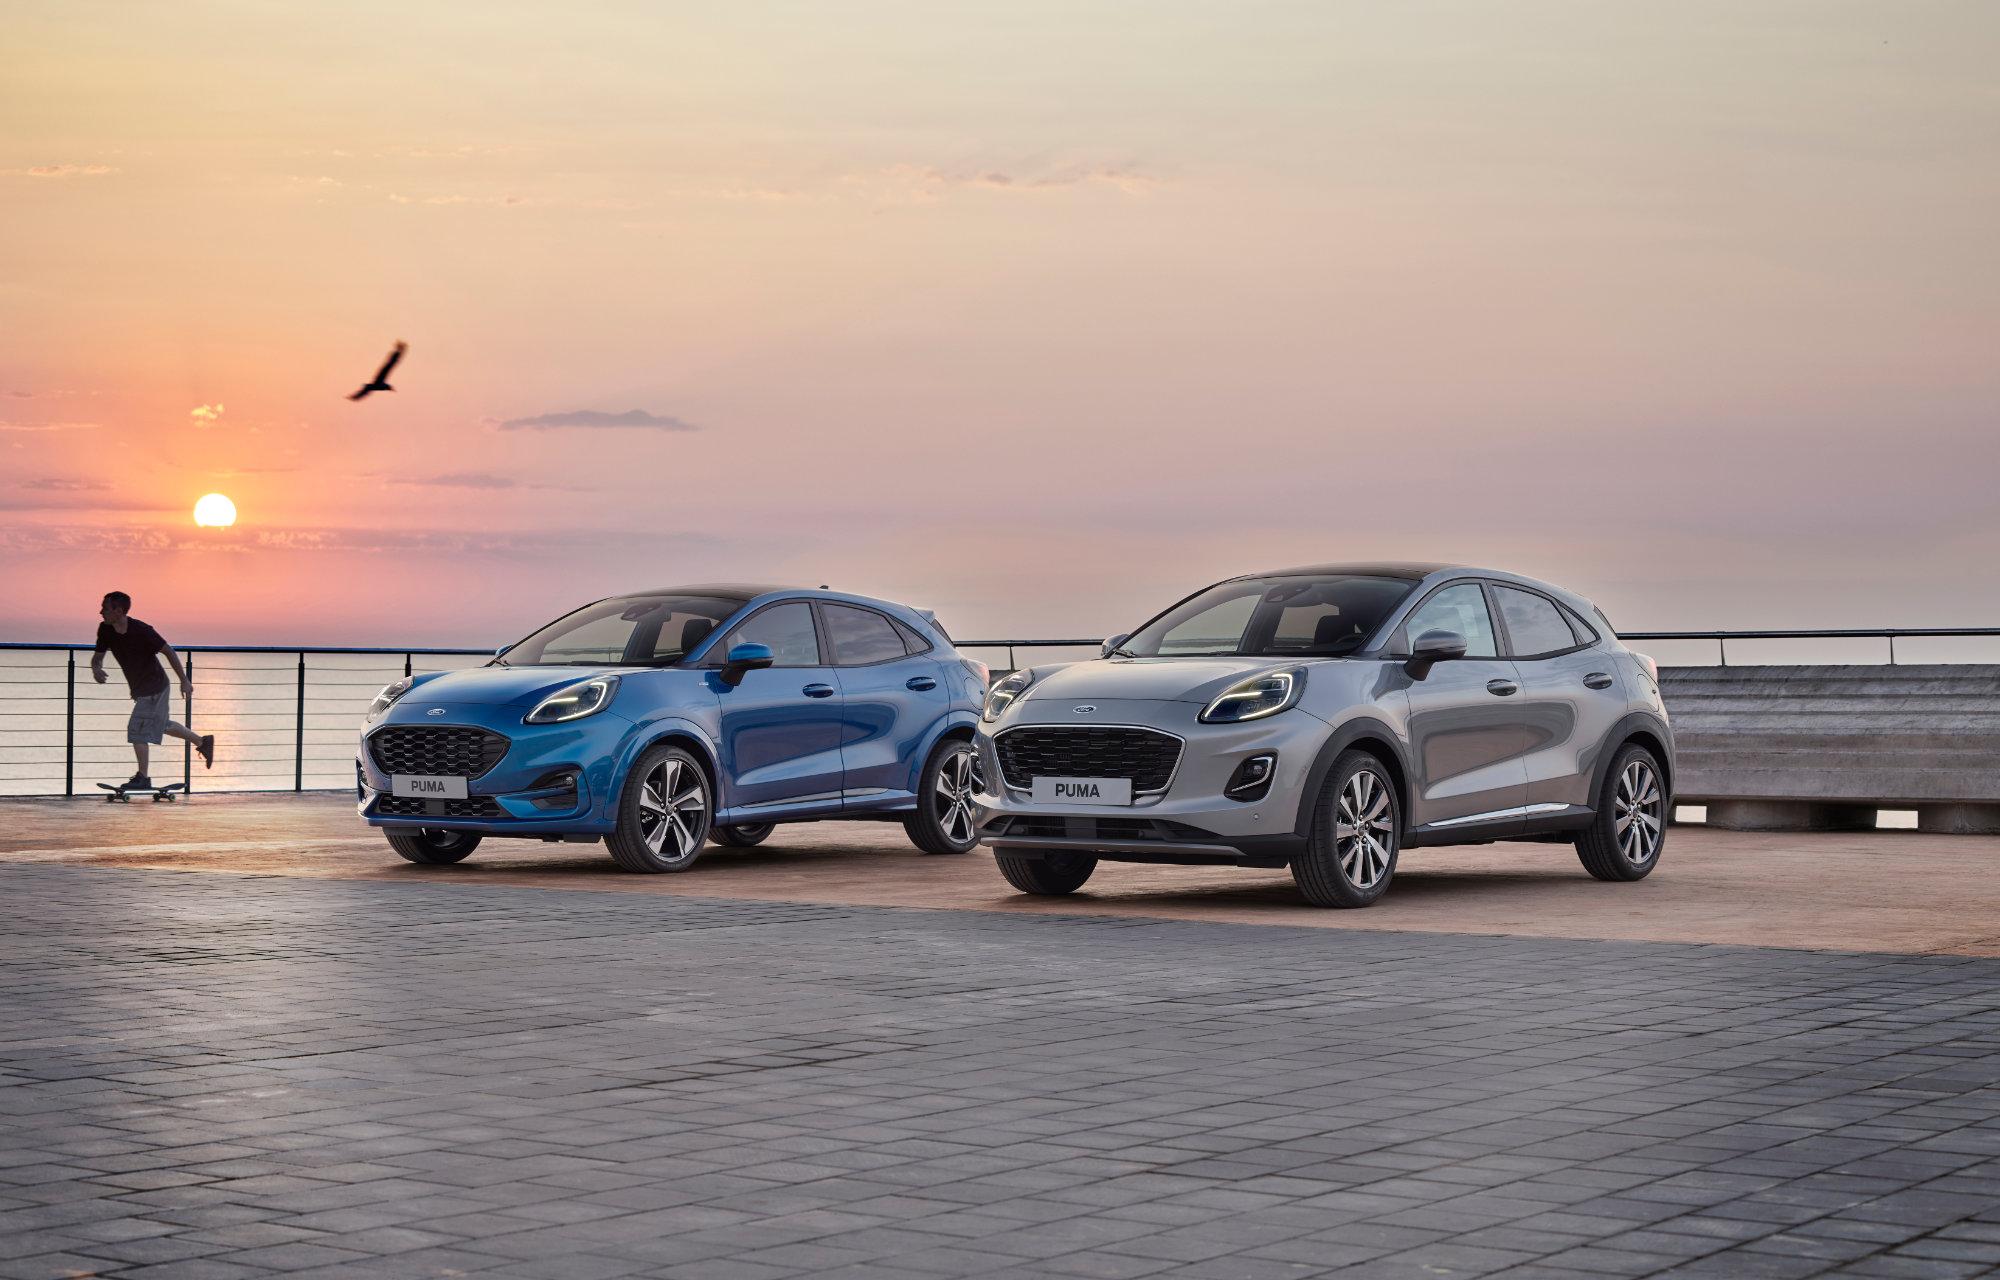 Ford Elektrische voertuigen